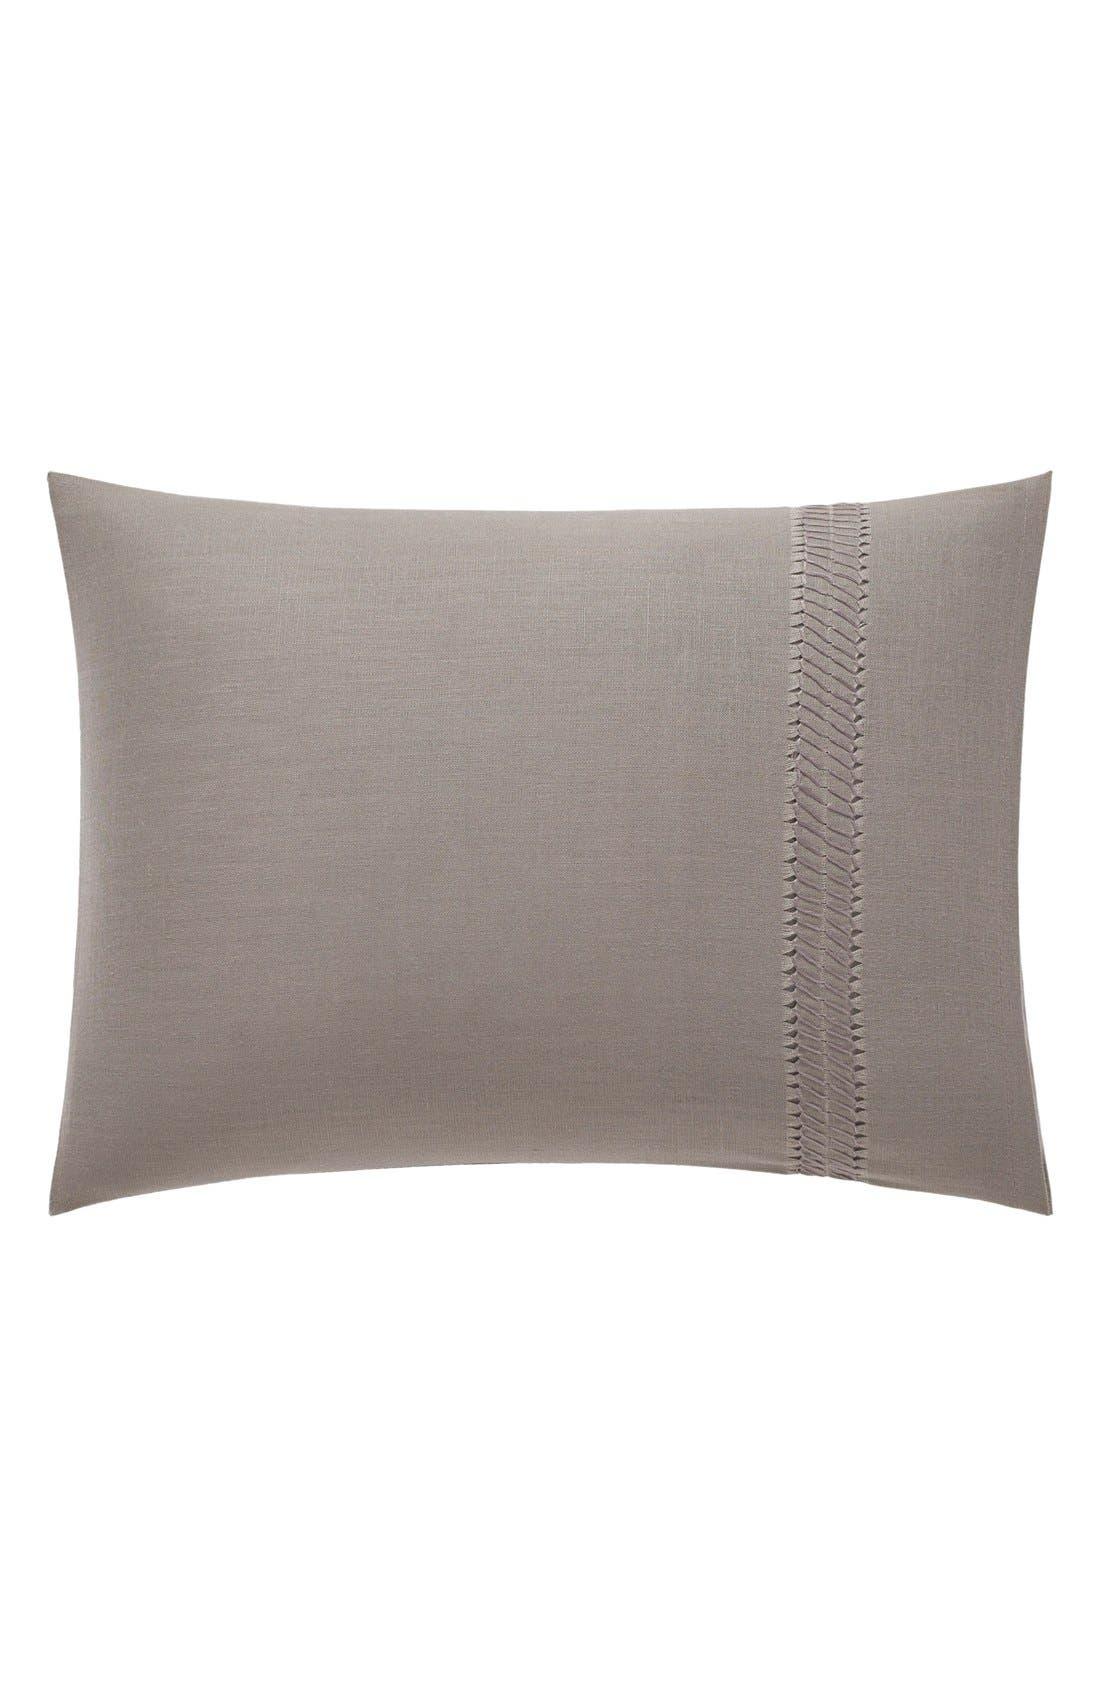 VERA WANG 'Winter Blossoms' Pillow